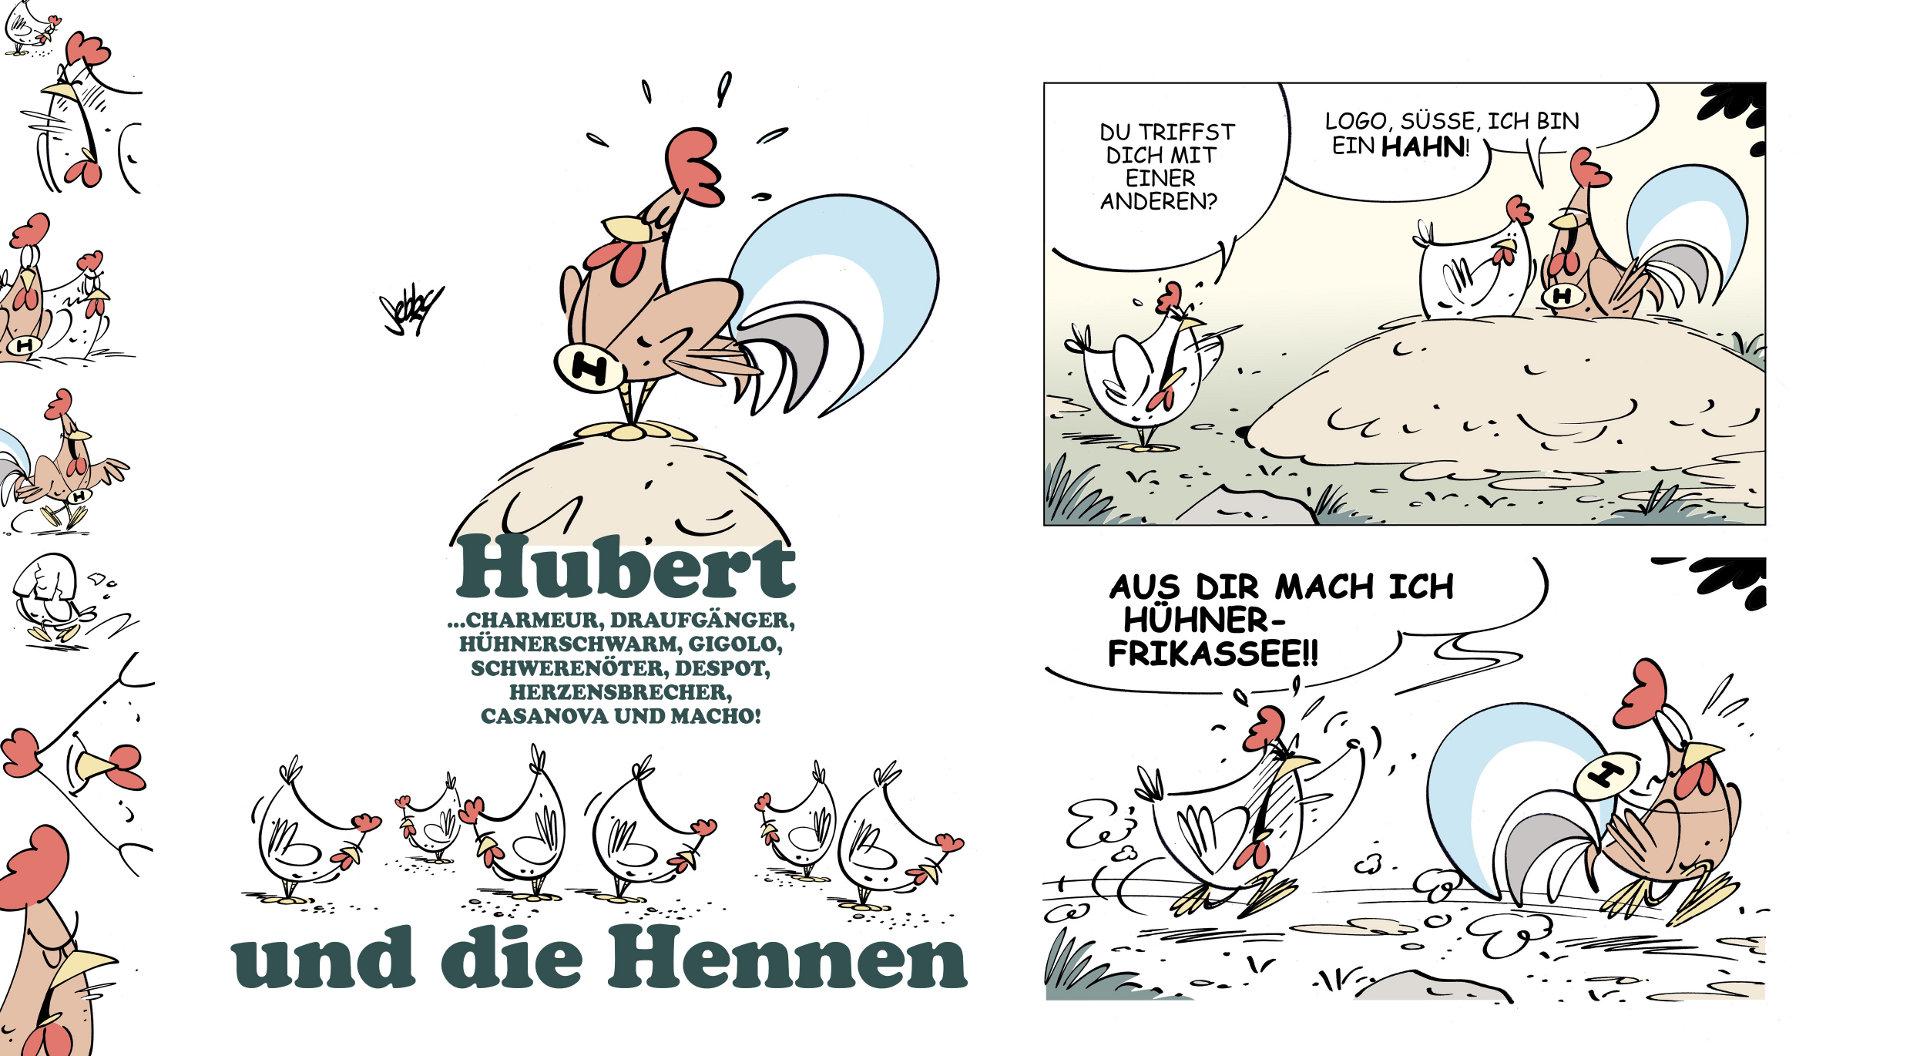 http://treworx.net/kunden/brandt-cartoons/hubert-und-die-hennen.html